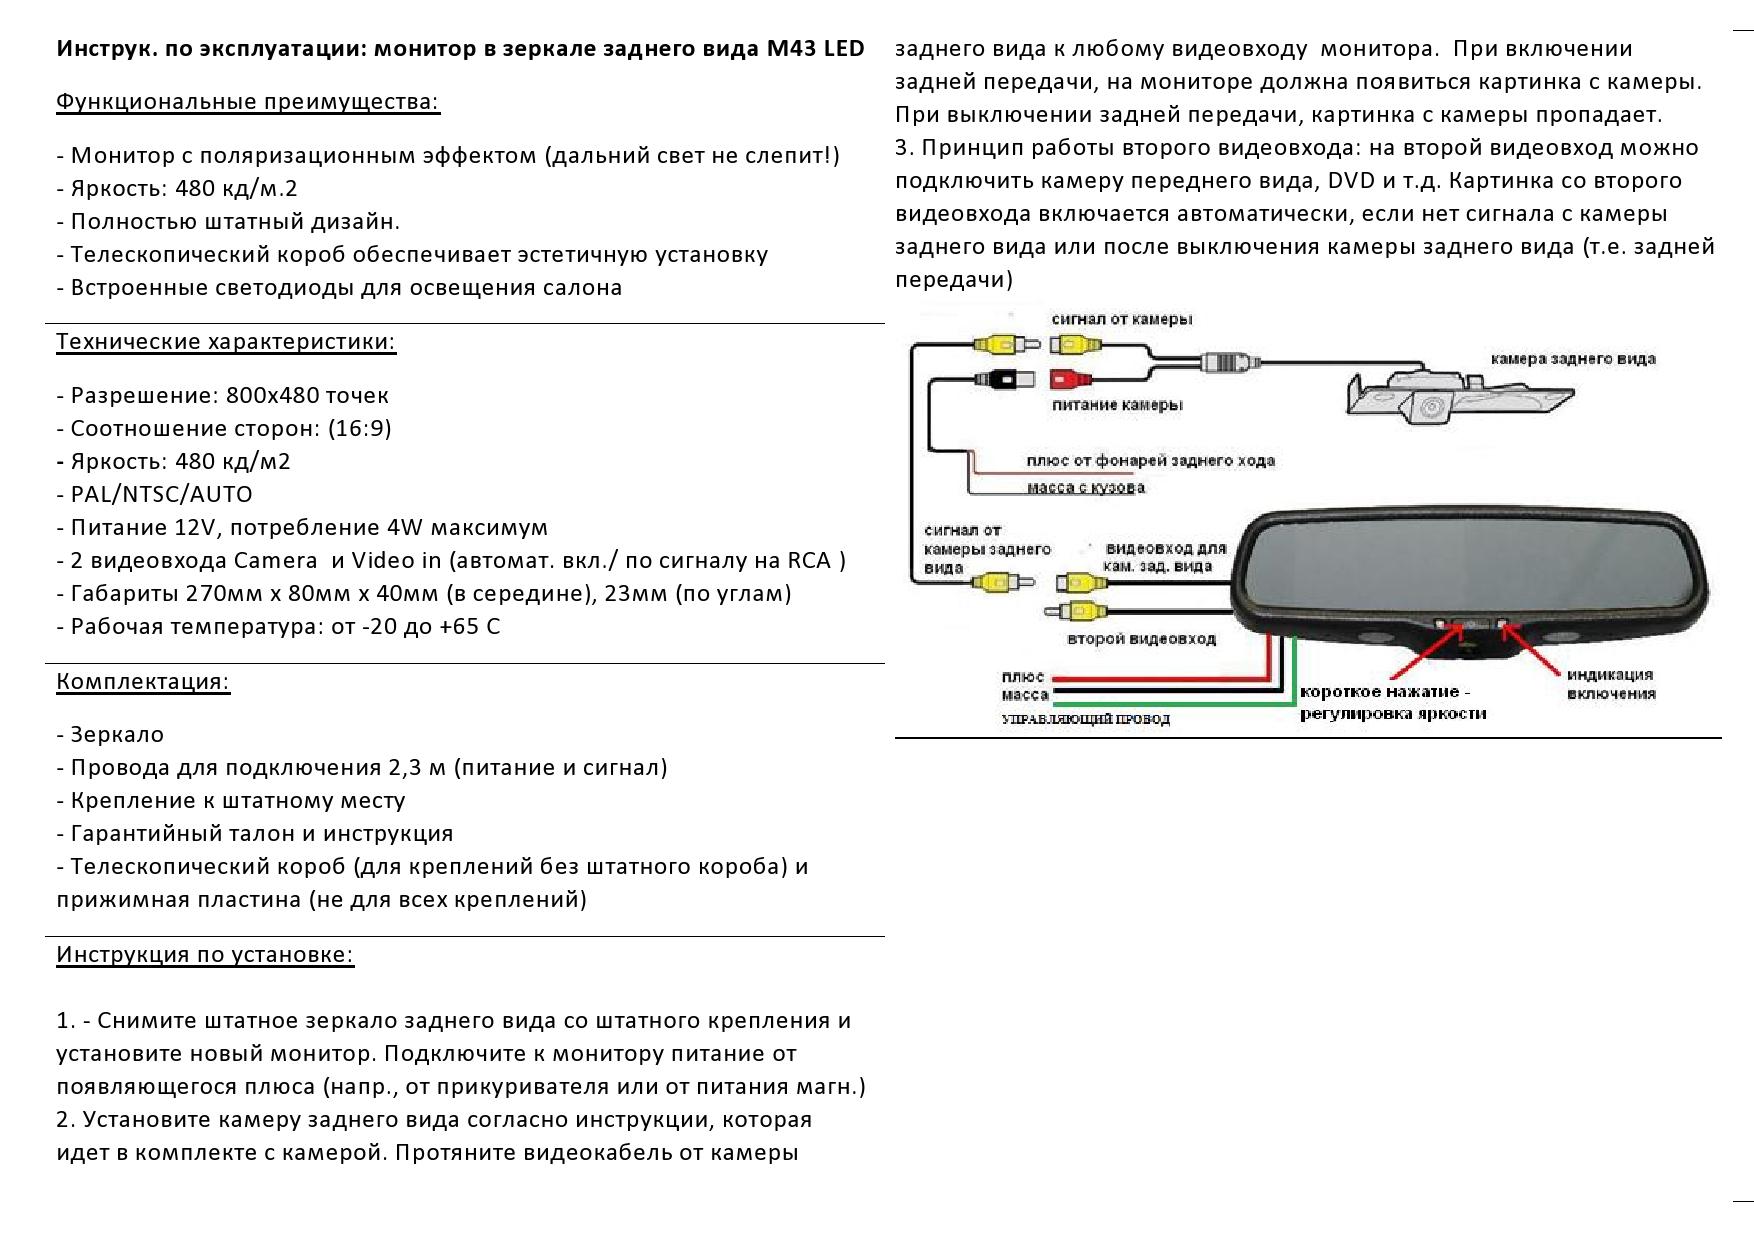 Схема подключения камеры заднего хода рено дастер